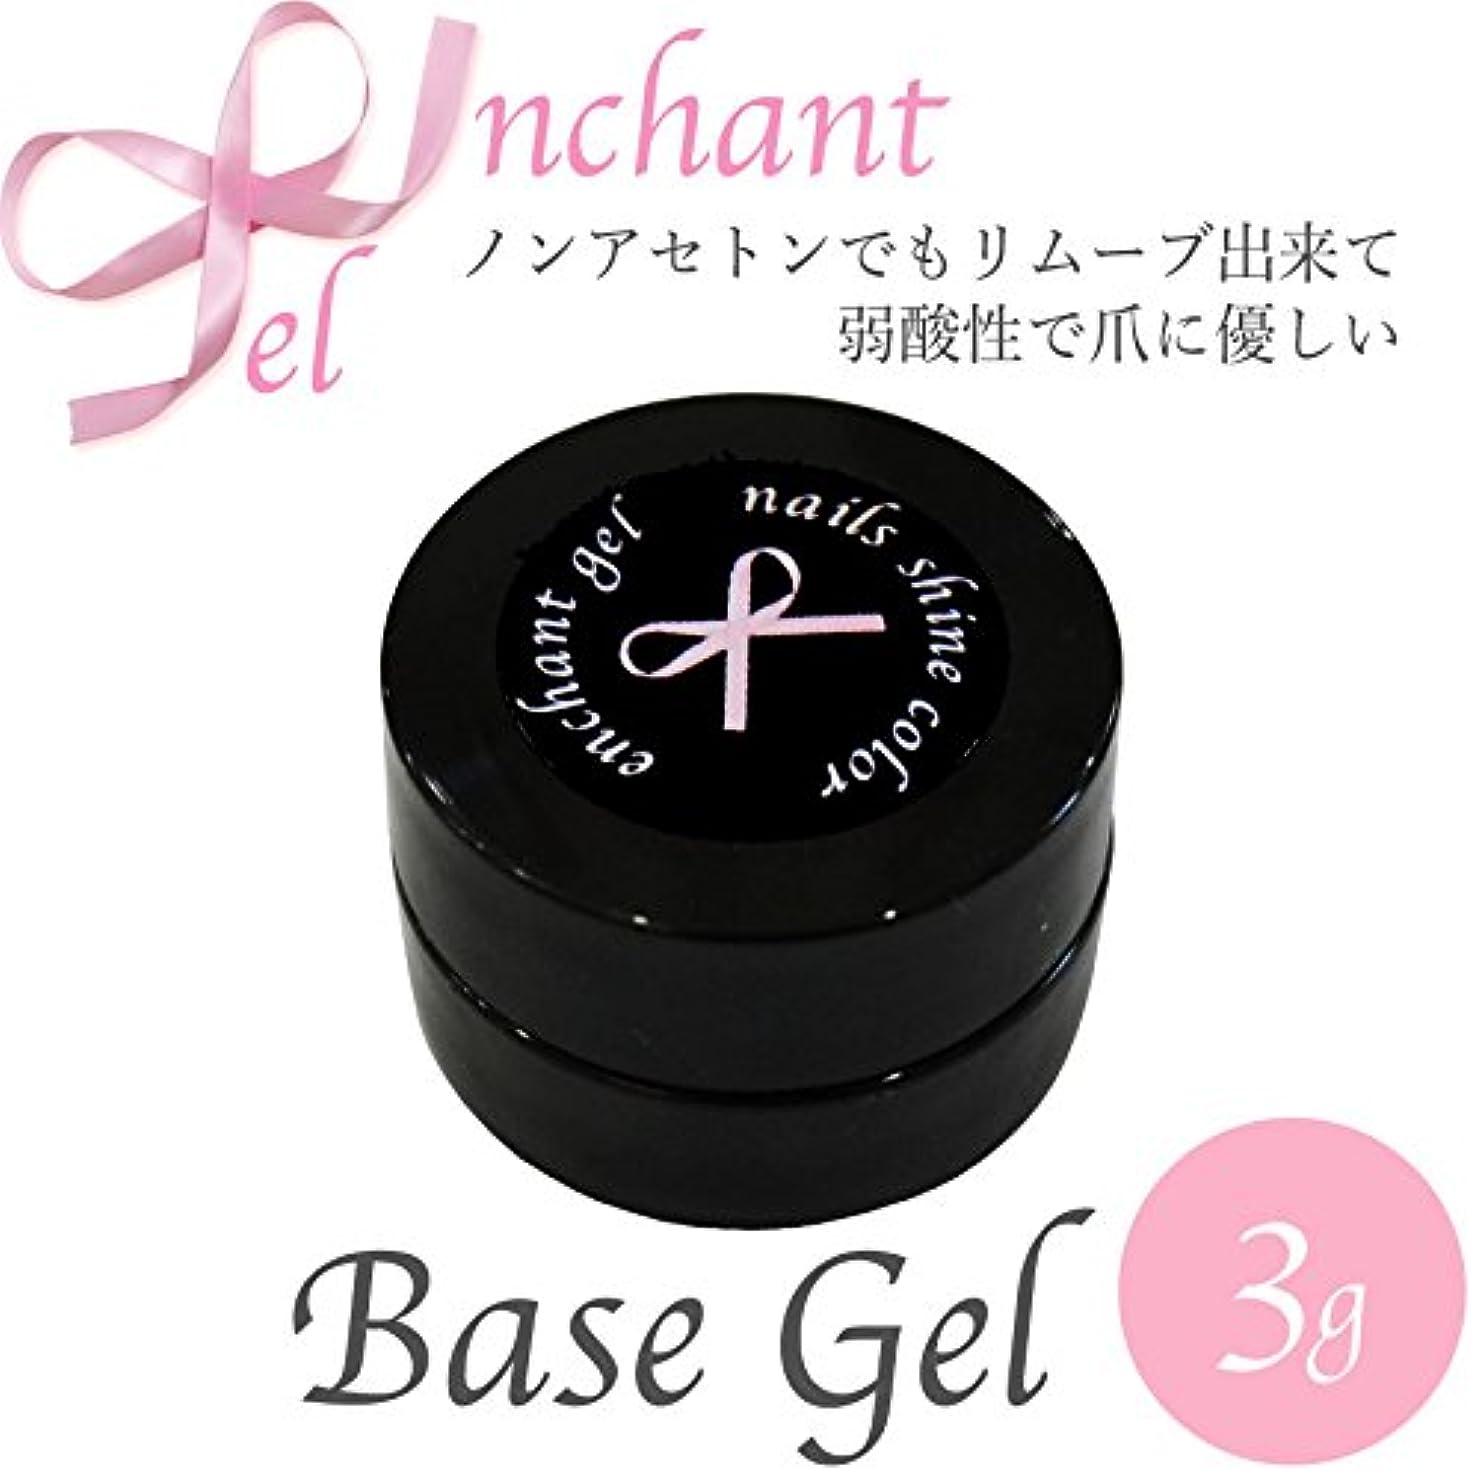 傭兵パーティーユダヤ人enchant gel clear base gel 3g/エンチャントジェル クリアーベースジェル 3グラム